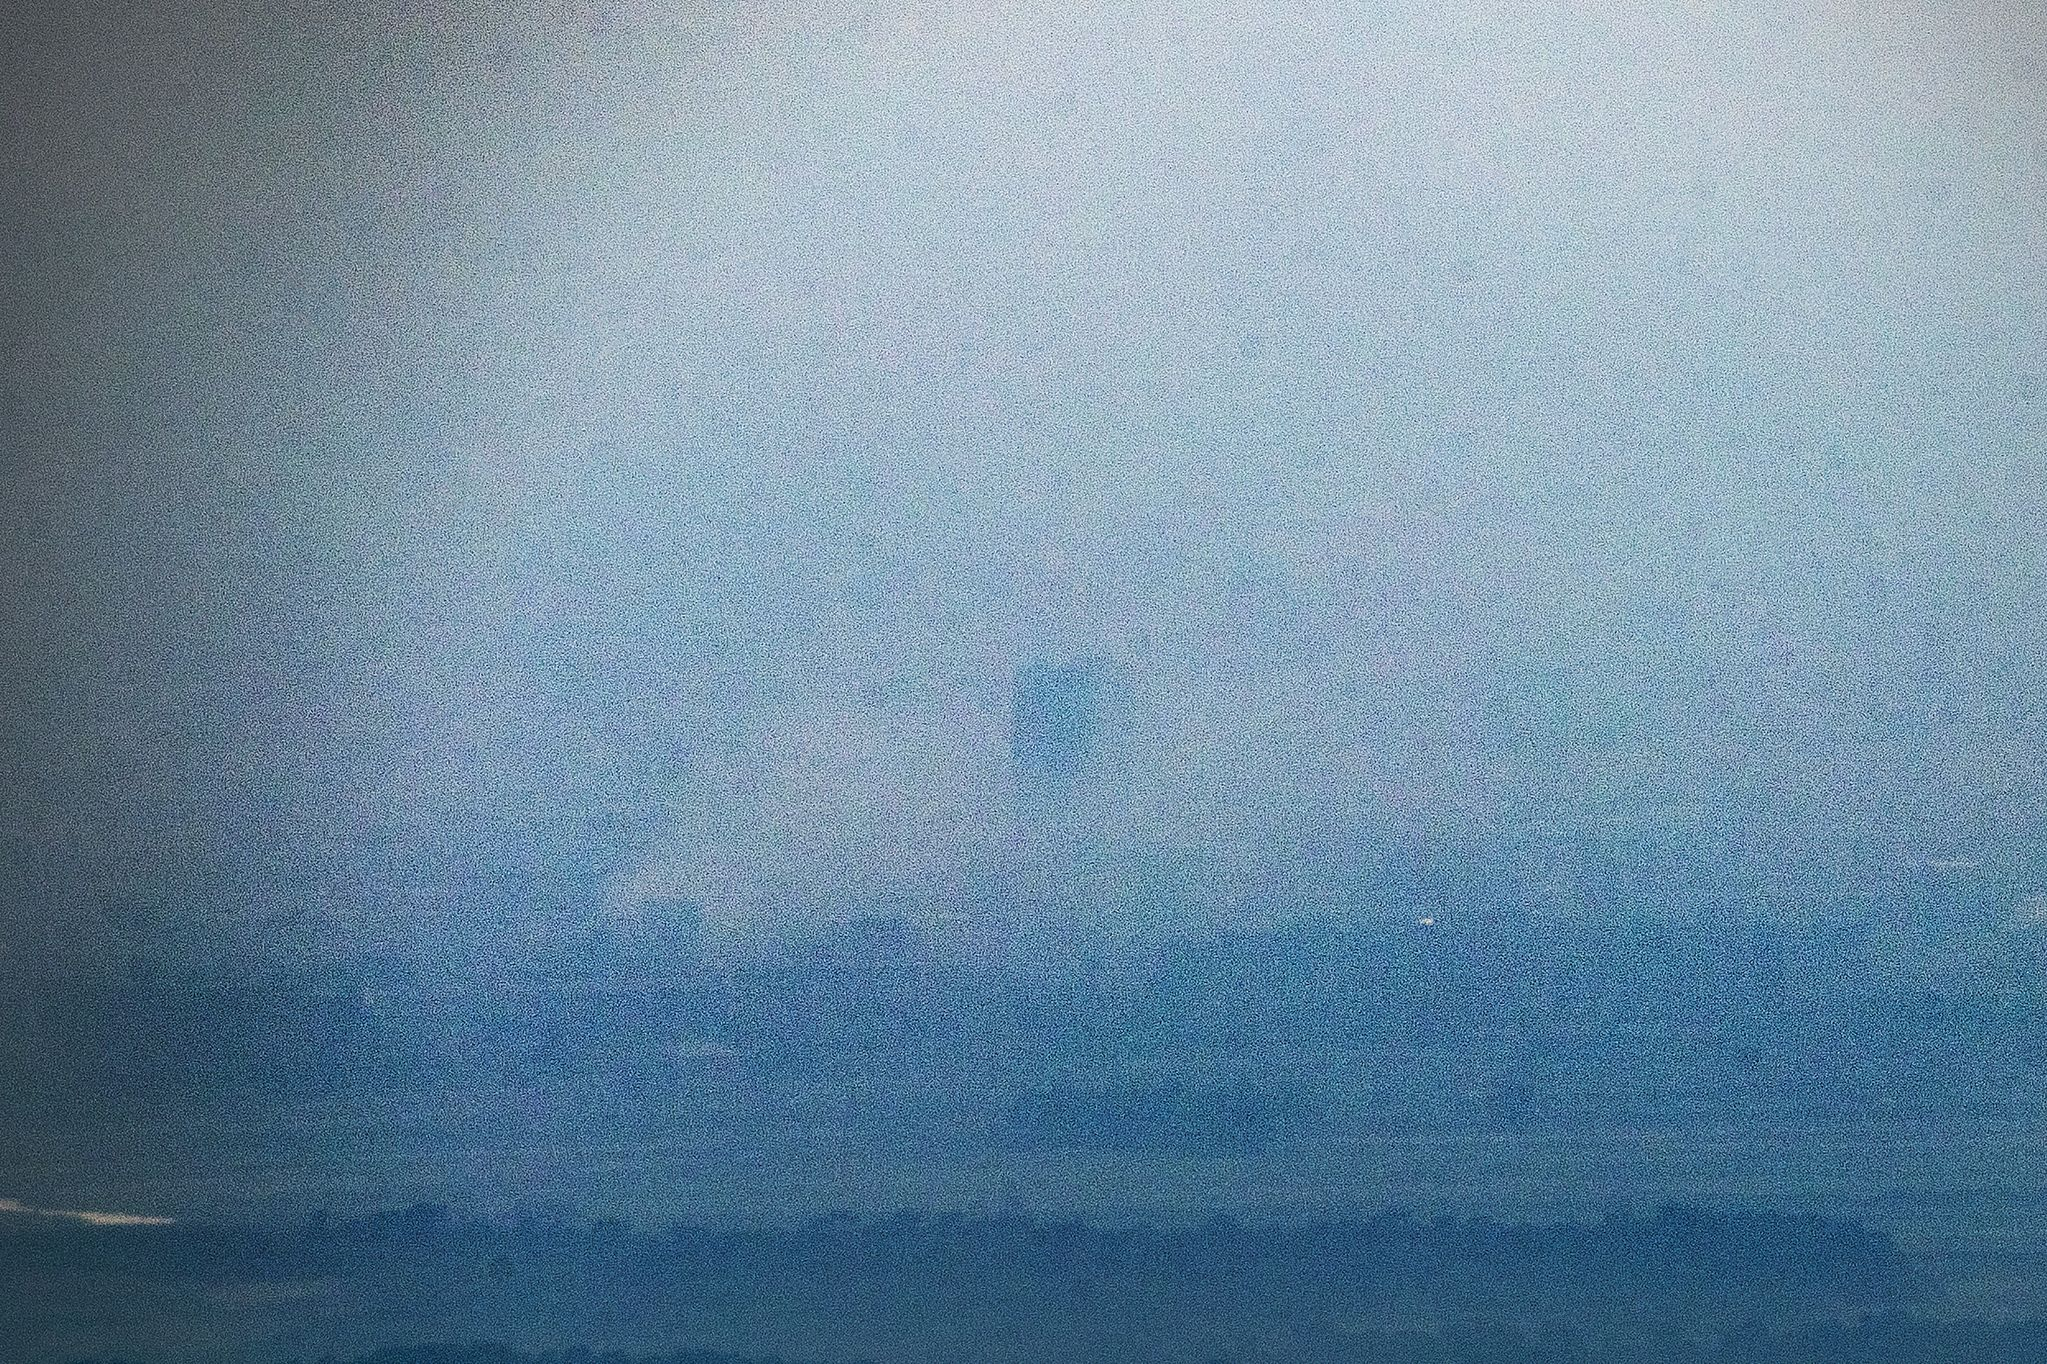 북한이 16일 오후 2시49분 개성 공동연락사무소 청사를 폭파한 것으로 알려진 가운데 경기도 파주시 접경지에서 바라본 개성공단 일대가 연기로 휩싸여있다. 연합뉴스